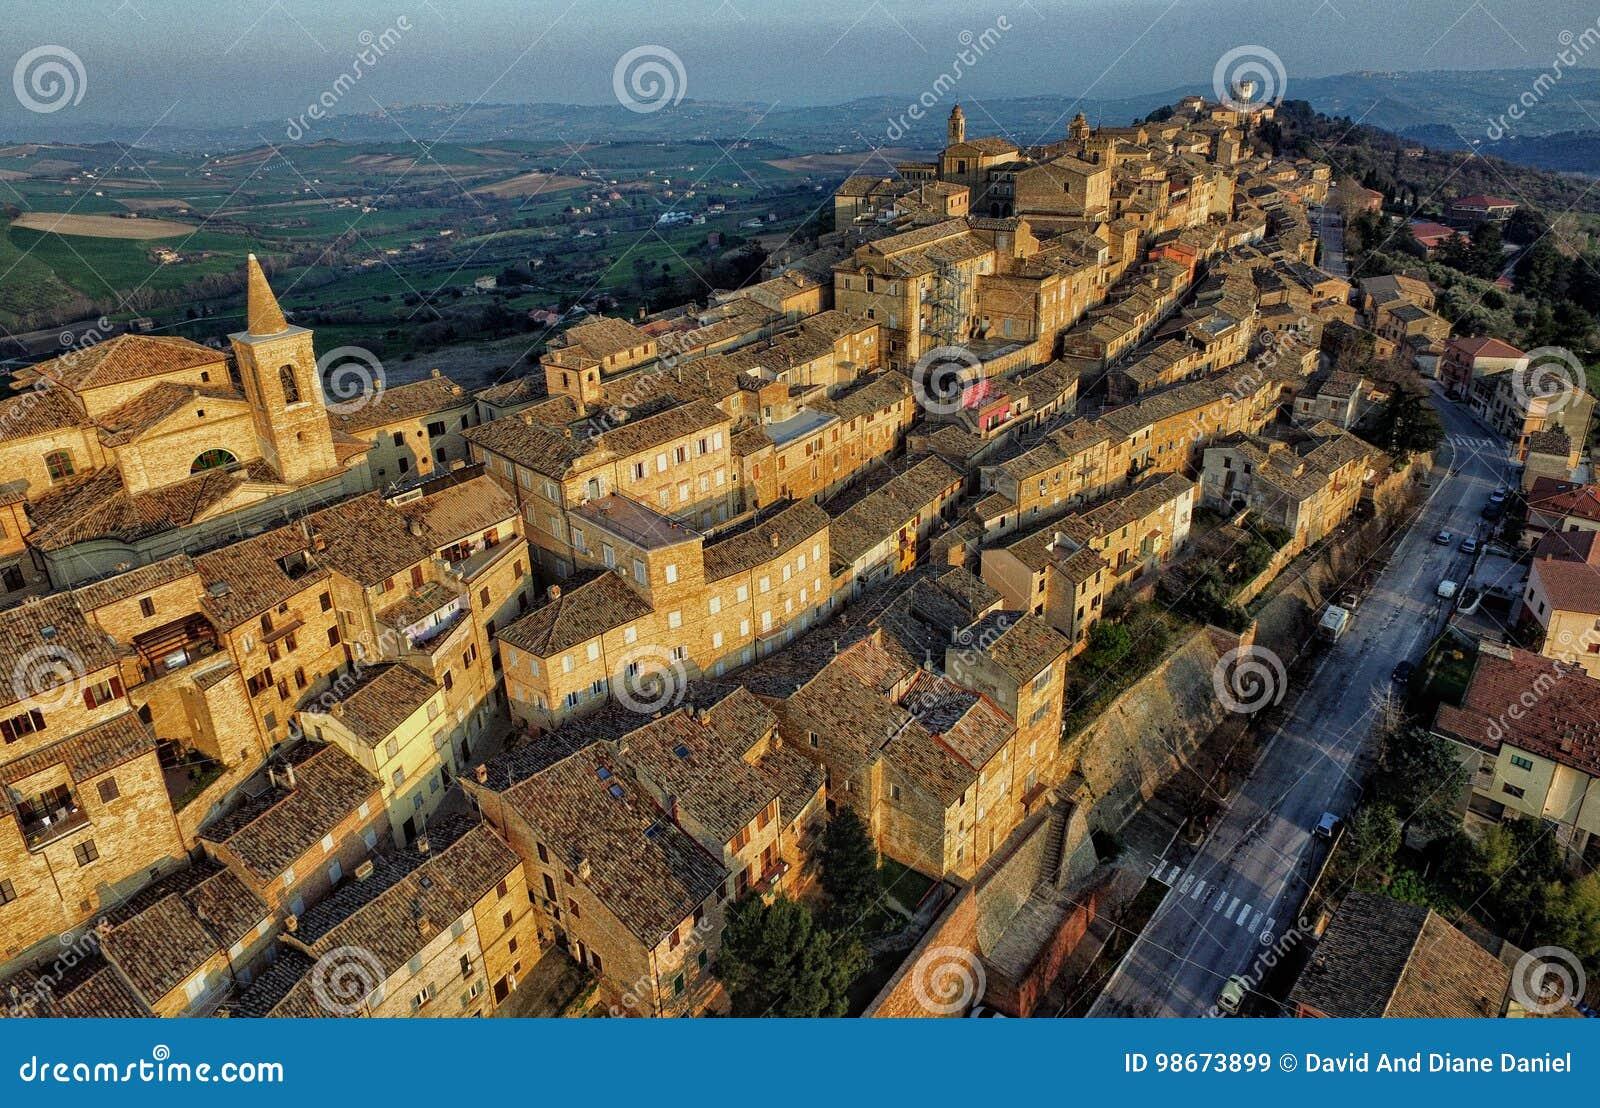 Hommelfoto van Treia, Macerata, Marche Italië